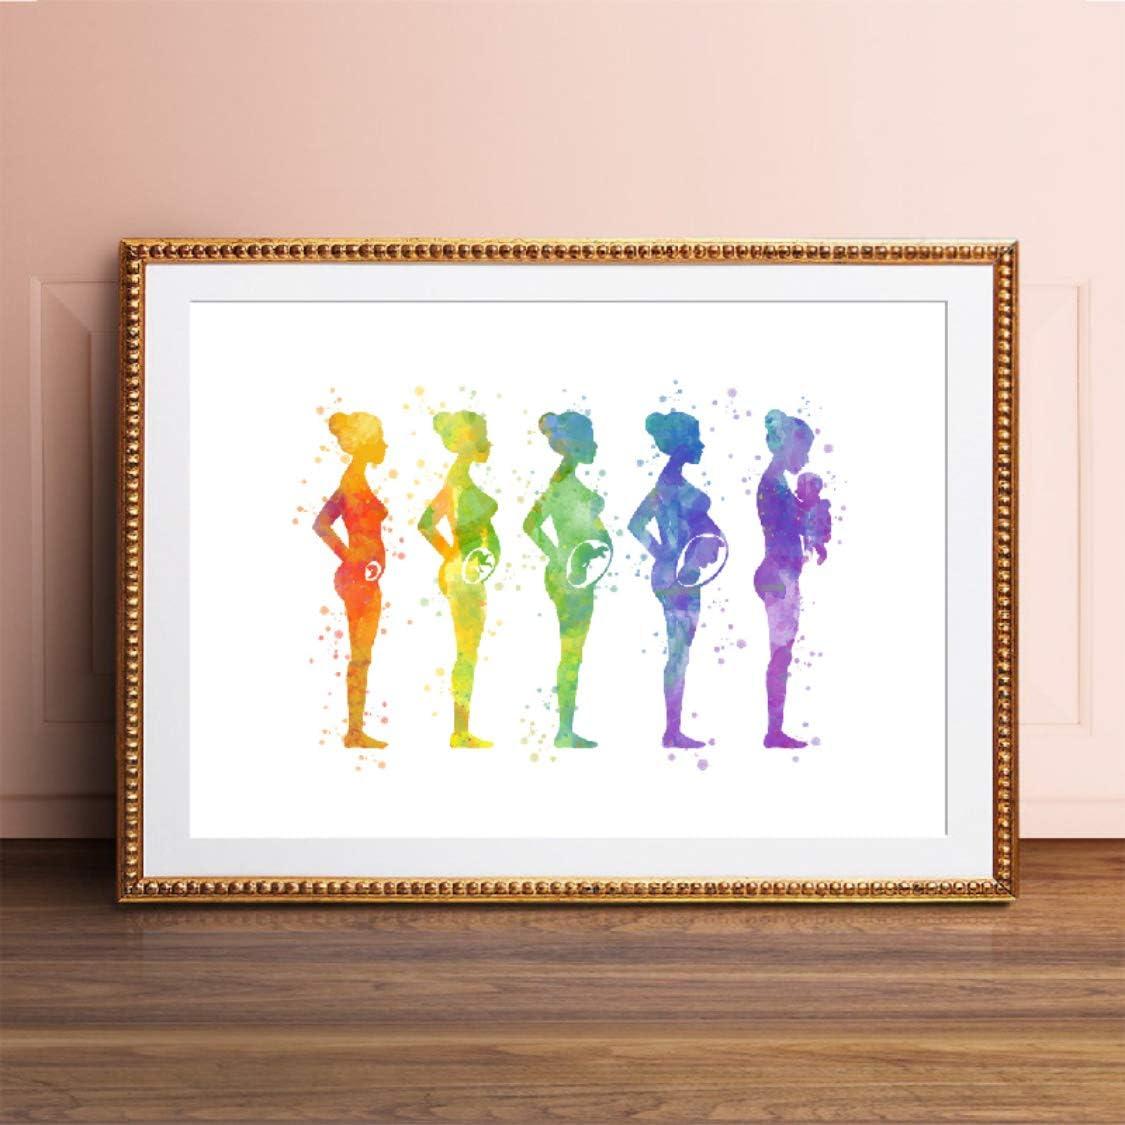 Danjiao Embarazo Feto Desarrollo Arte Abstracto Carteles Imprimir Embrión Biología Arte Médico Acuarela Lienzo Pintura Obstetra Regalos Sala De Estar Decor 60x90cm